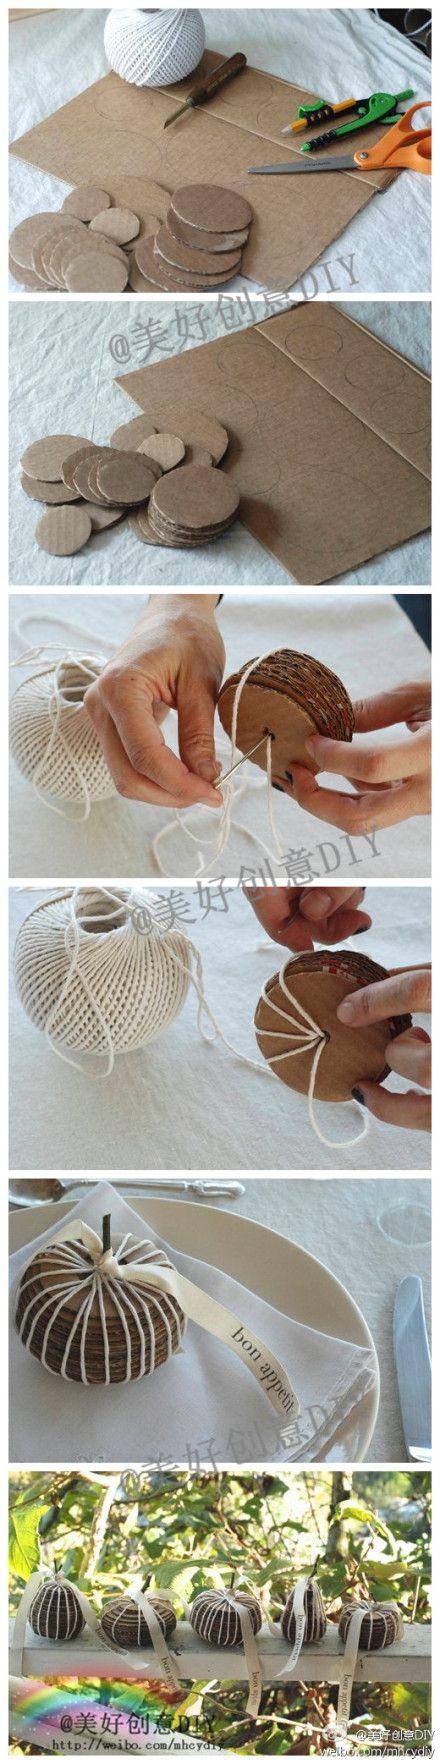 Récupérez des morceaux de carton d'emballage pour fabriquer une jolie pomme... à déposer sur la table pour marquer la place de vos invités.